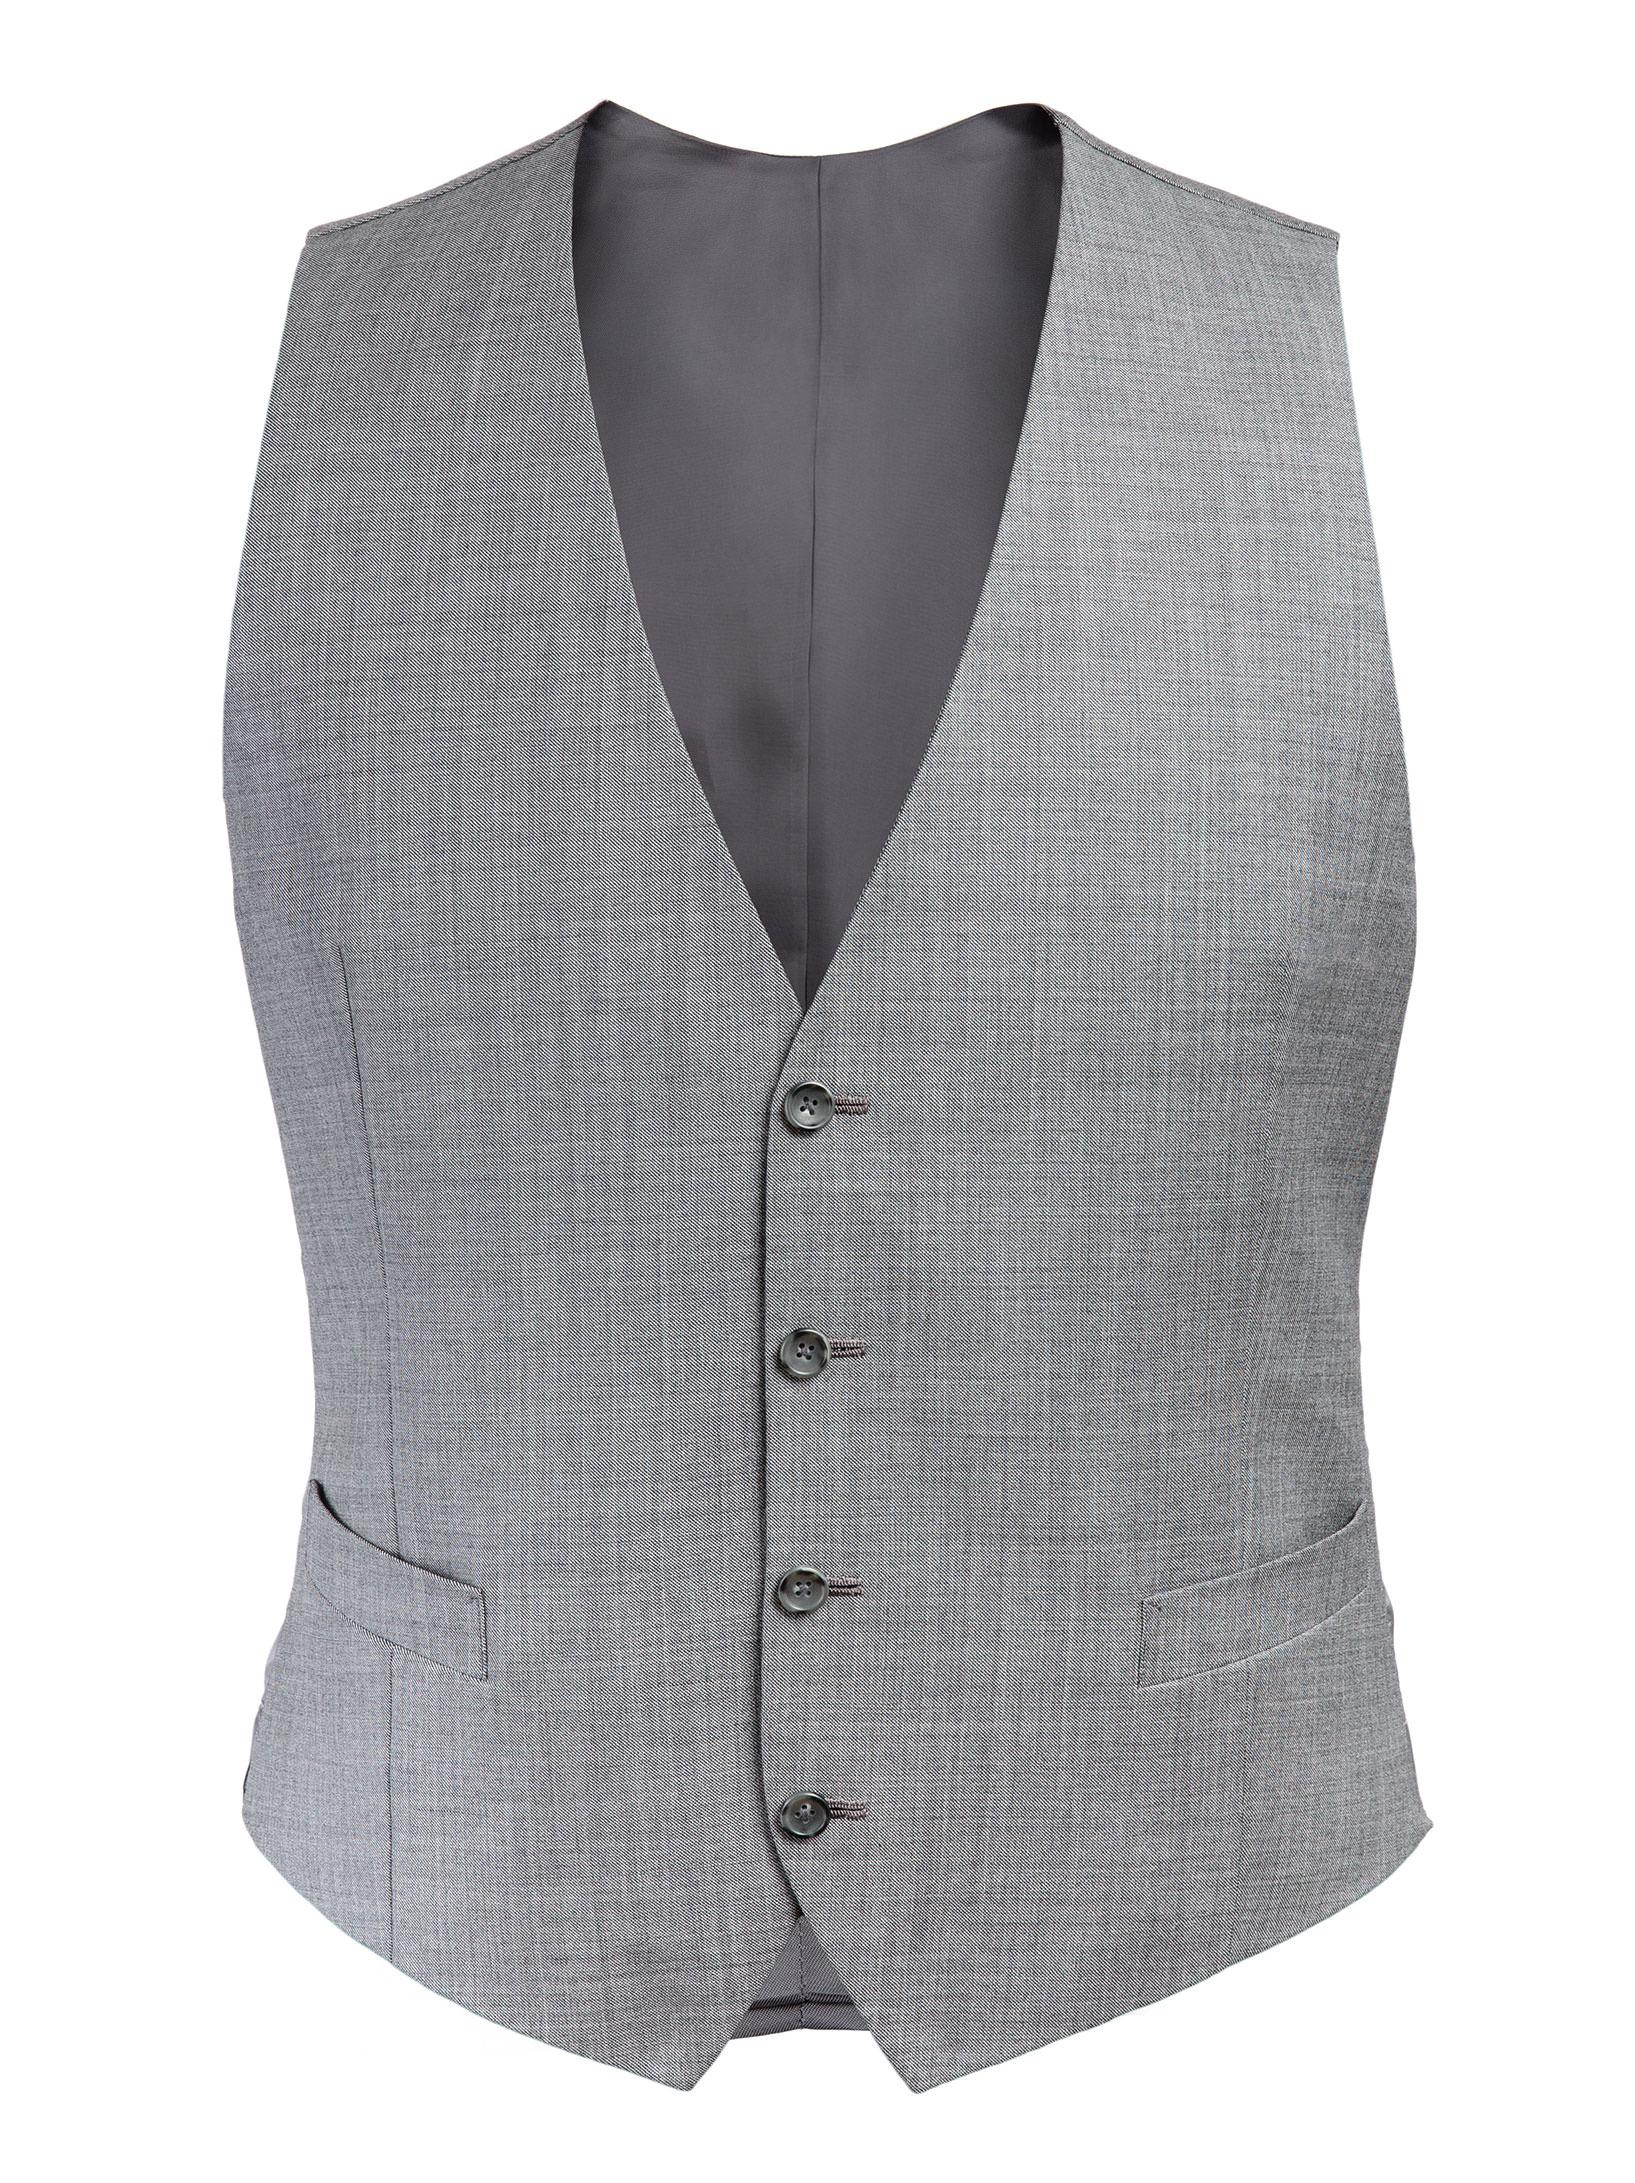 4-Button Vest vest